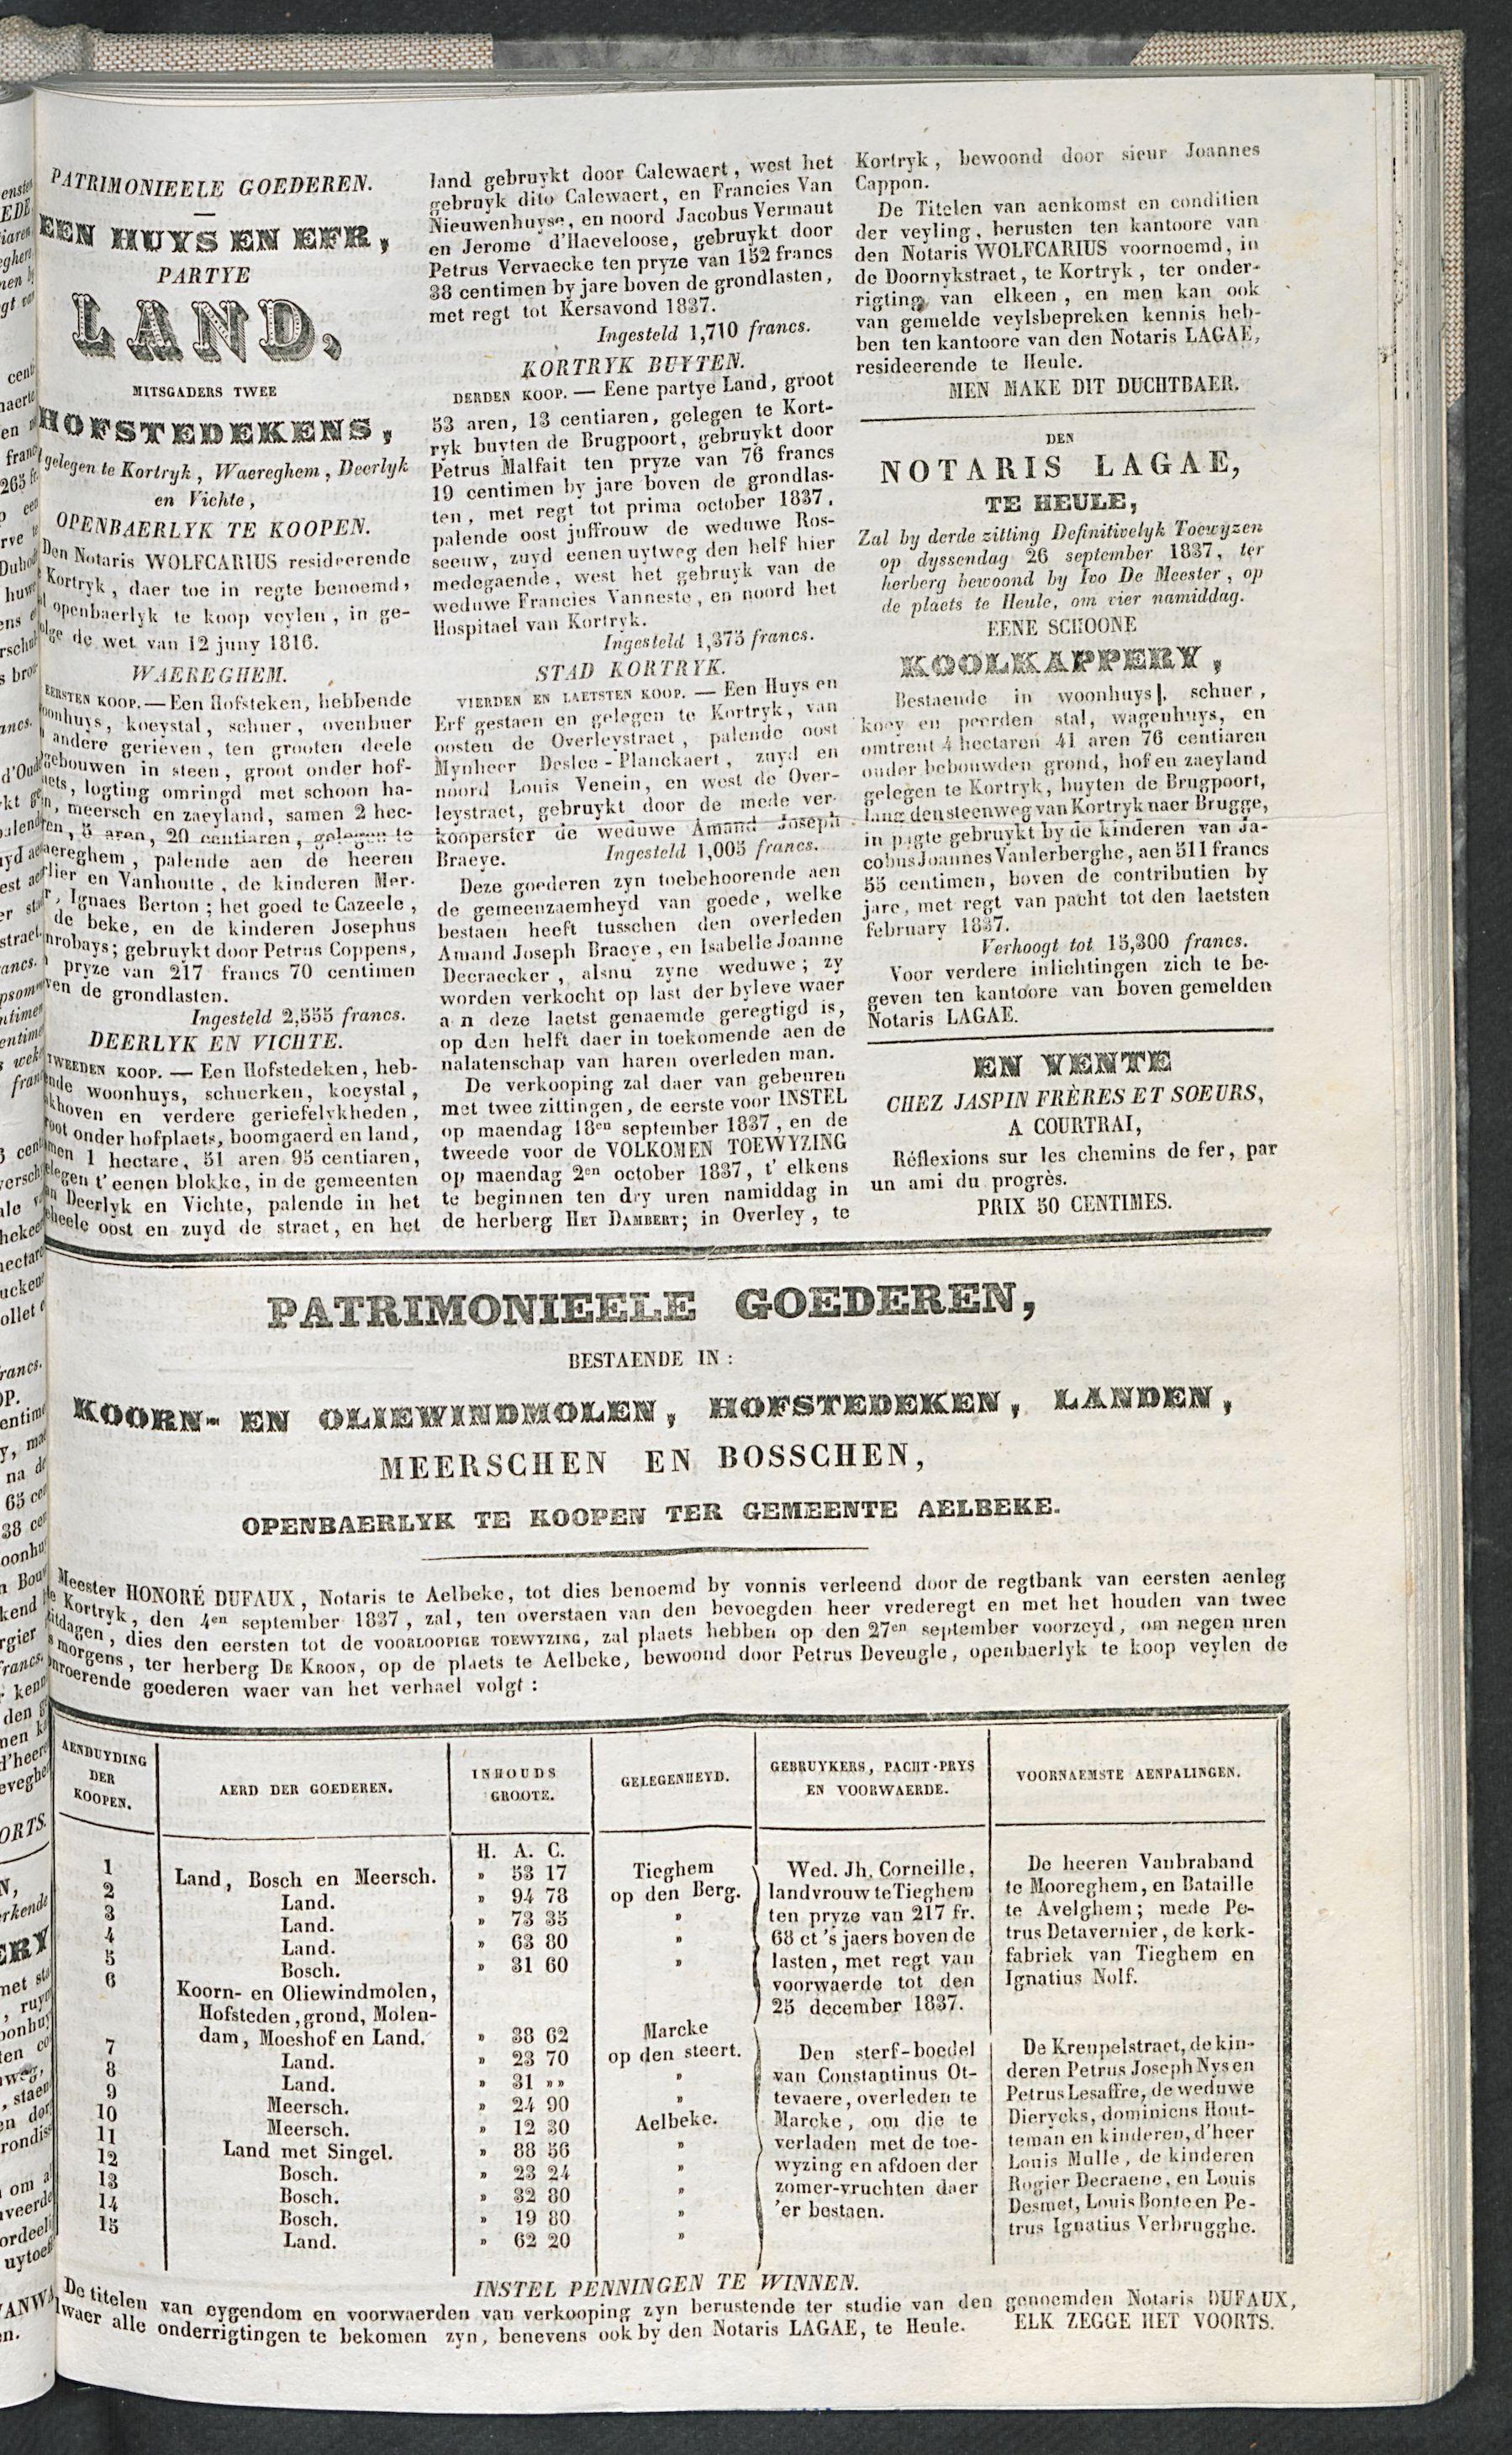 Petites Affiches De Courtrai 1837-09-24 p3